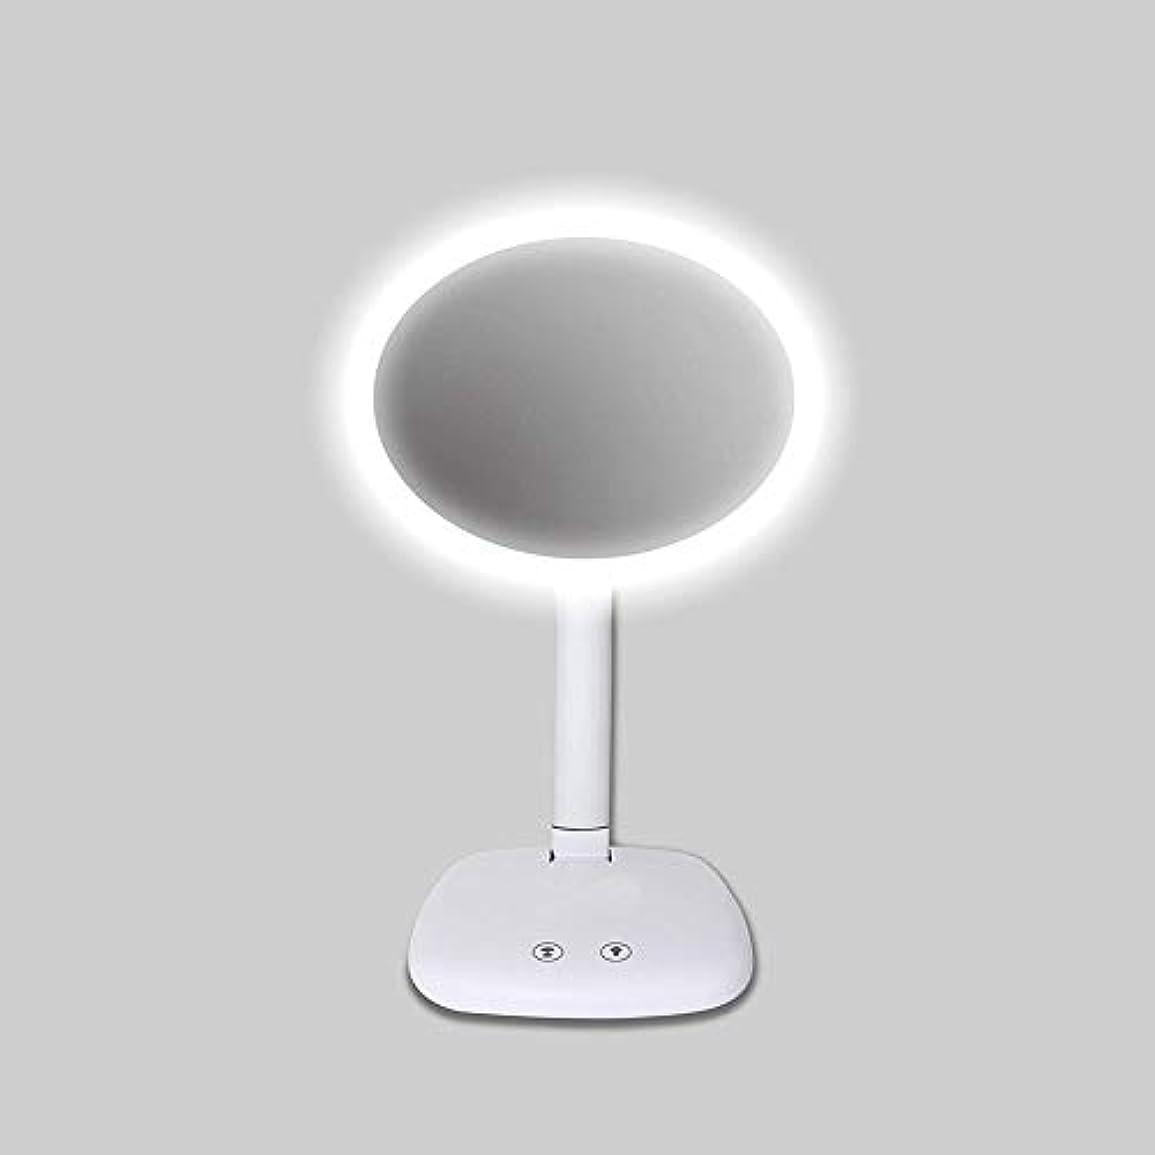 事業脈拍パットLED化粧鏡、デスクトップミラー、2-1バニティミラー、タッチセンシティブLEDミラー、3つの明るさ調節可能、USBまたはバッテリータイプ(白)